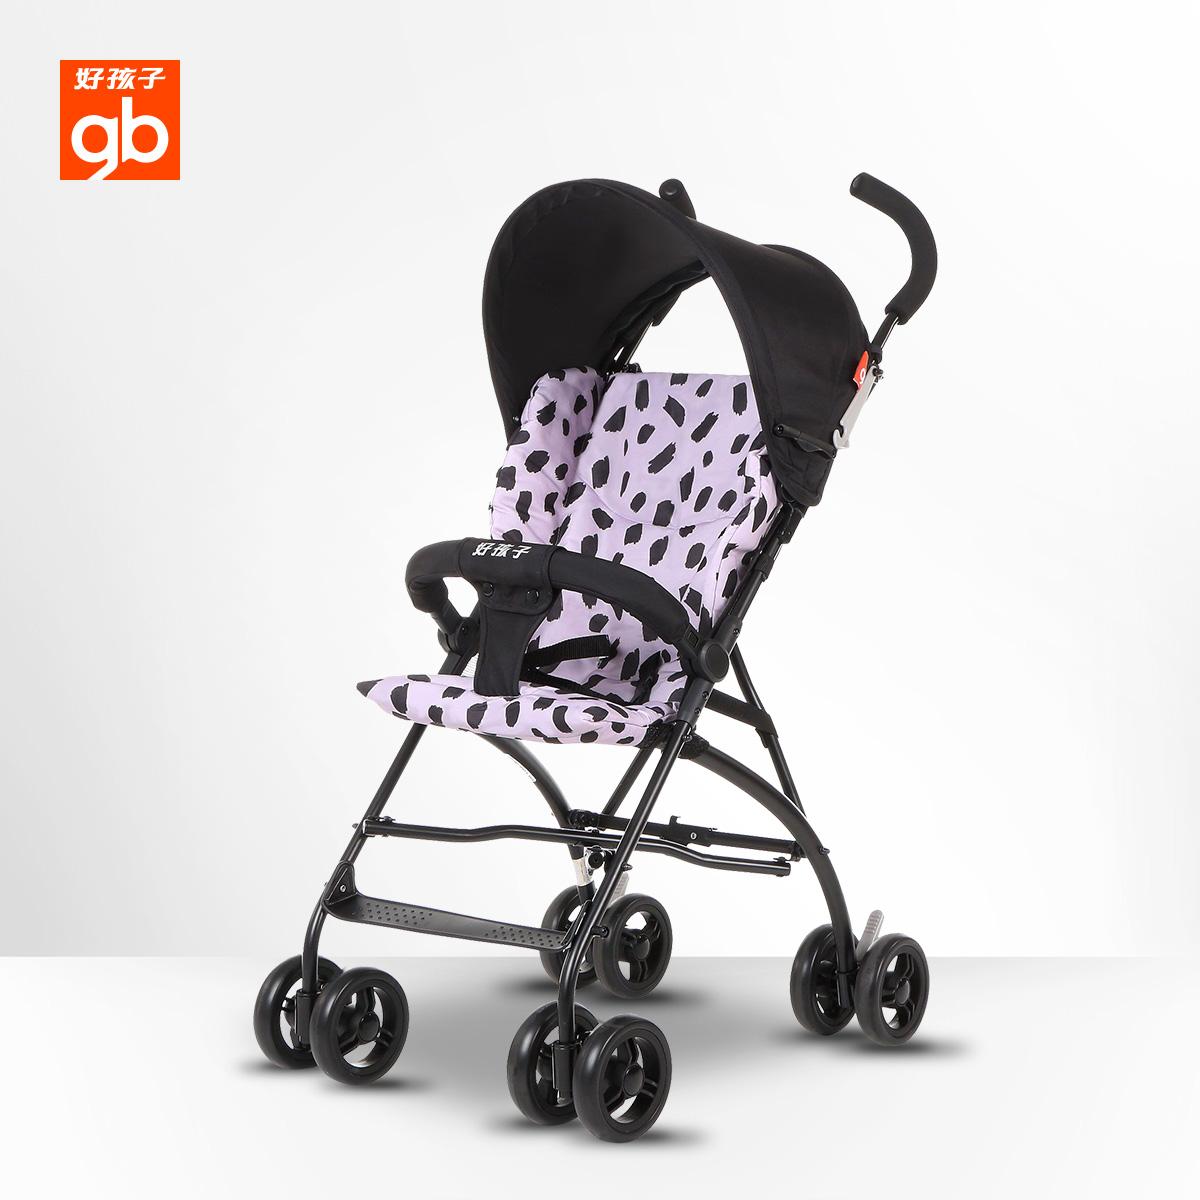 Gb хорошо дети легкий ребенок тележки шок зонт автомобиль ребенок сверхлегкий портативный путешествие ребенок четырехколесный тележки D303